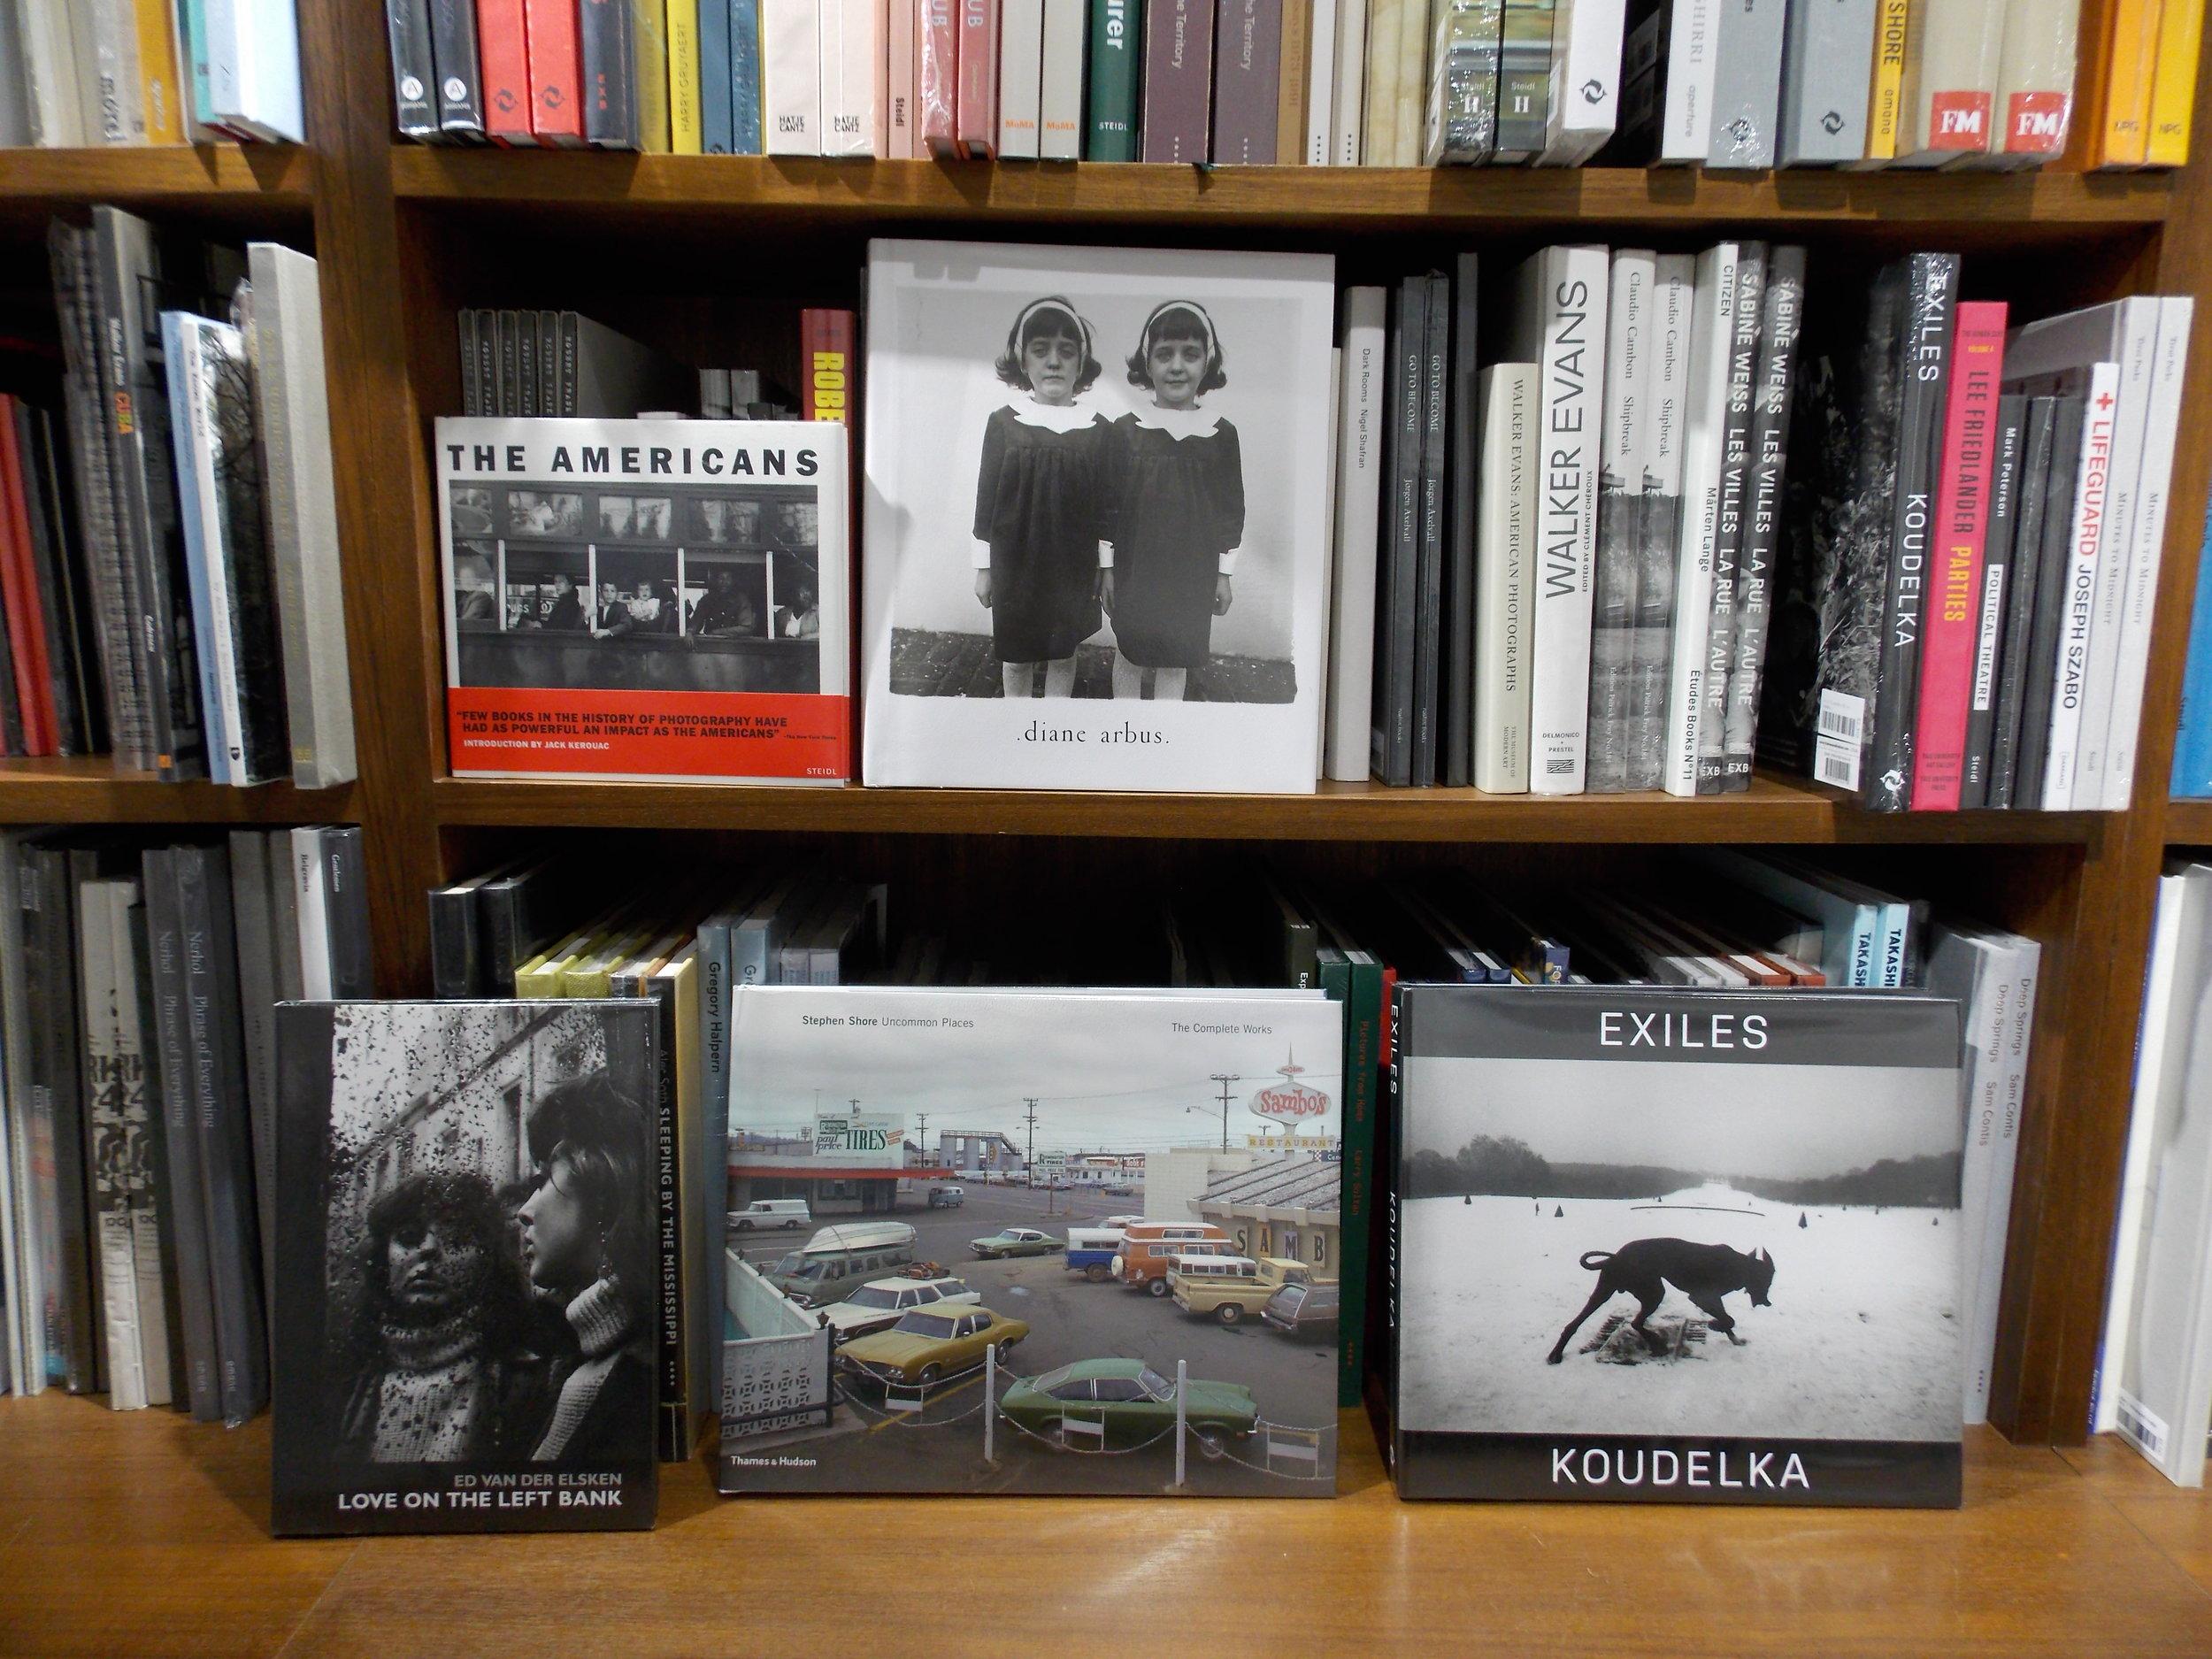 鶴騰特別推薦的攝影書籍。Robert Frank 《The Americans》,Diane Arbus 《An Aperture Monograph》,Ed van der Elsken 《Love On the Left Bank》,Steven Shore《Uncommon Places: The Complete Works》及Josef Koudelka《Exiles》